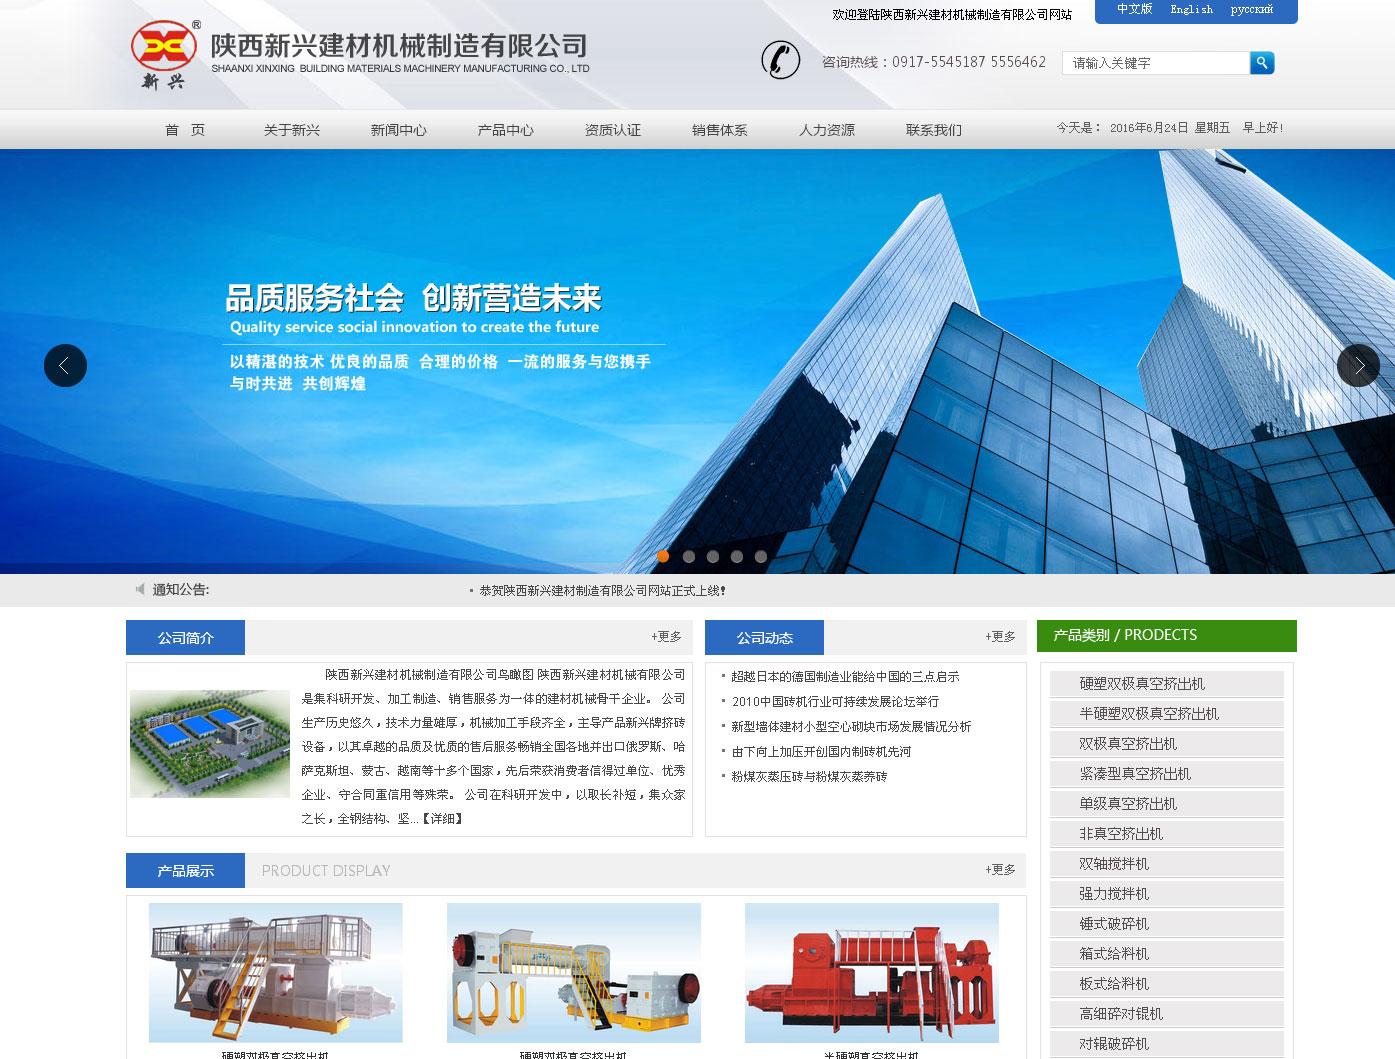 陕西新兴建材机械制造有限公司